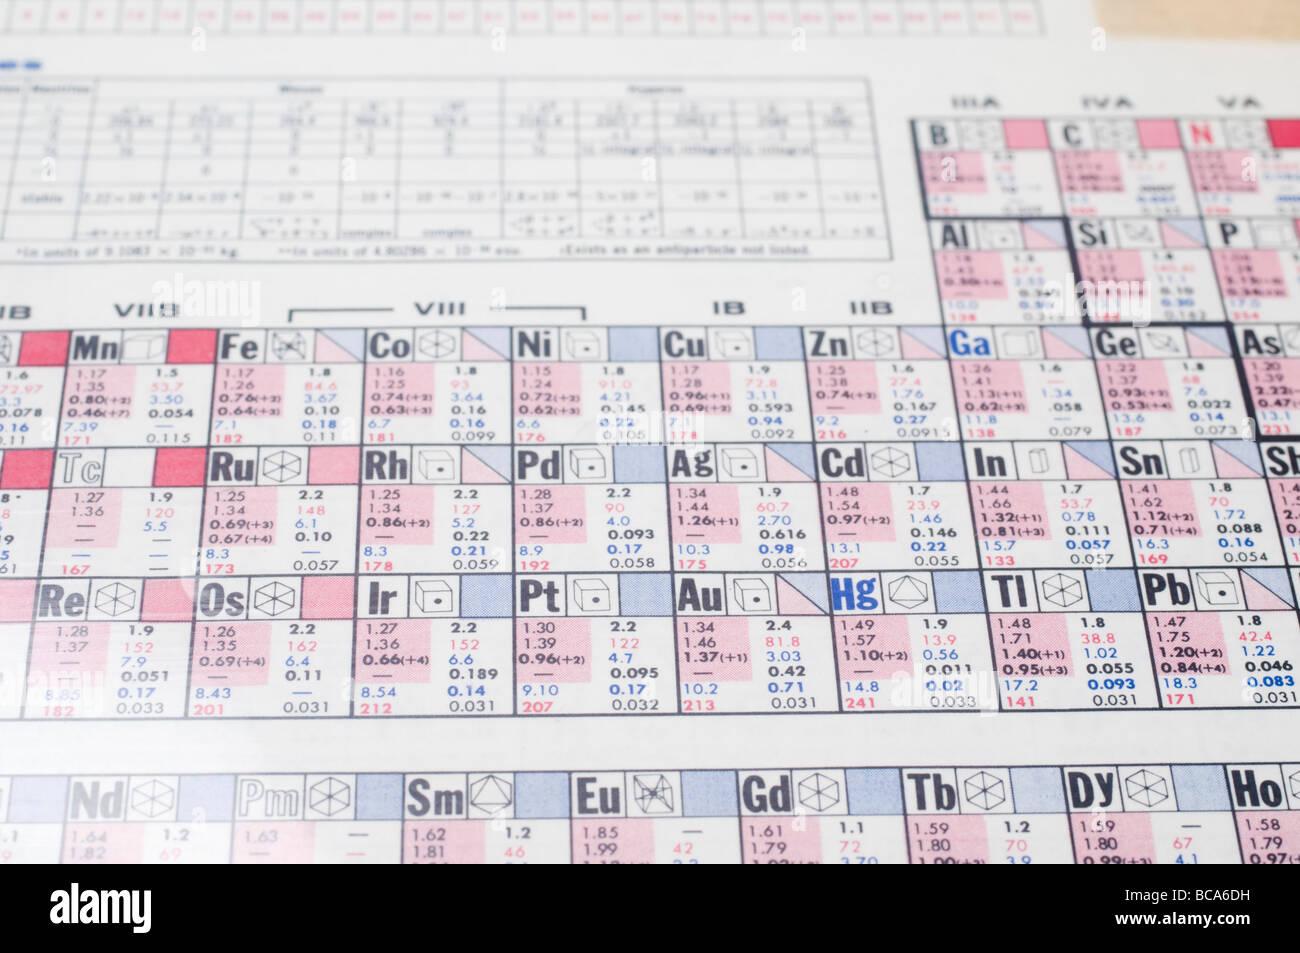 Tabla peridica qumica el enfoque selectivo de la tabla peridica tabla peridica qumica el enfoque selectivo de la tabla peridica muestra los elementos qumicos ordenados por nmero atmico urtaz Gallery